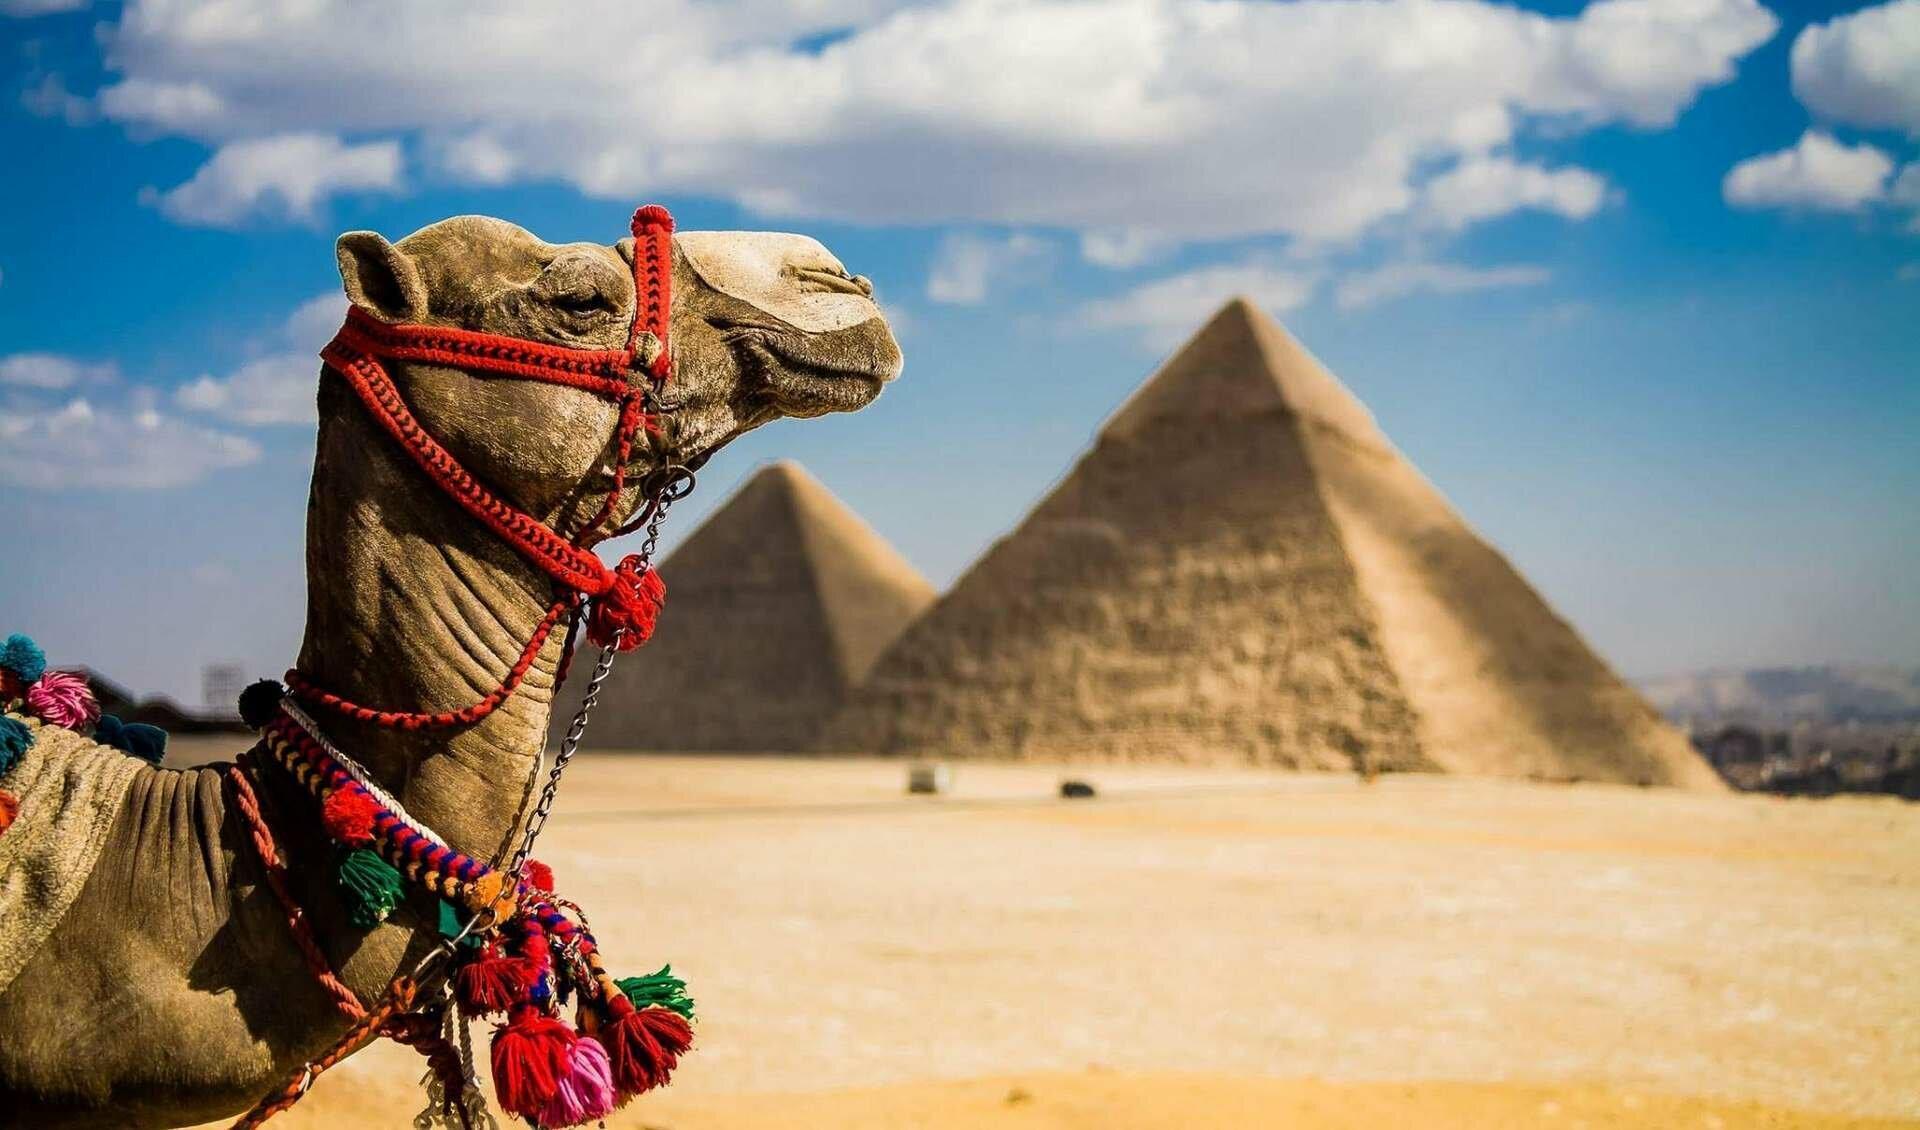 Самостоятельный отдых в Египте выйдет намного дороже, чем пакетный тур